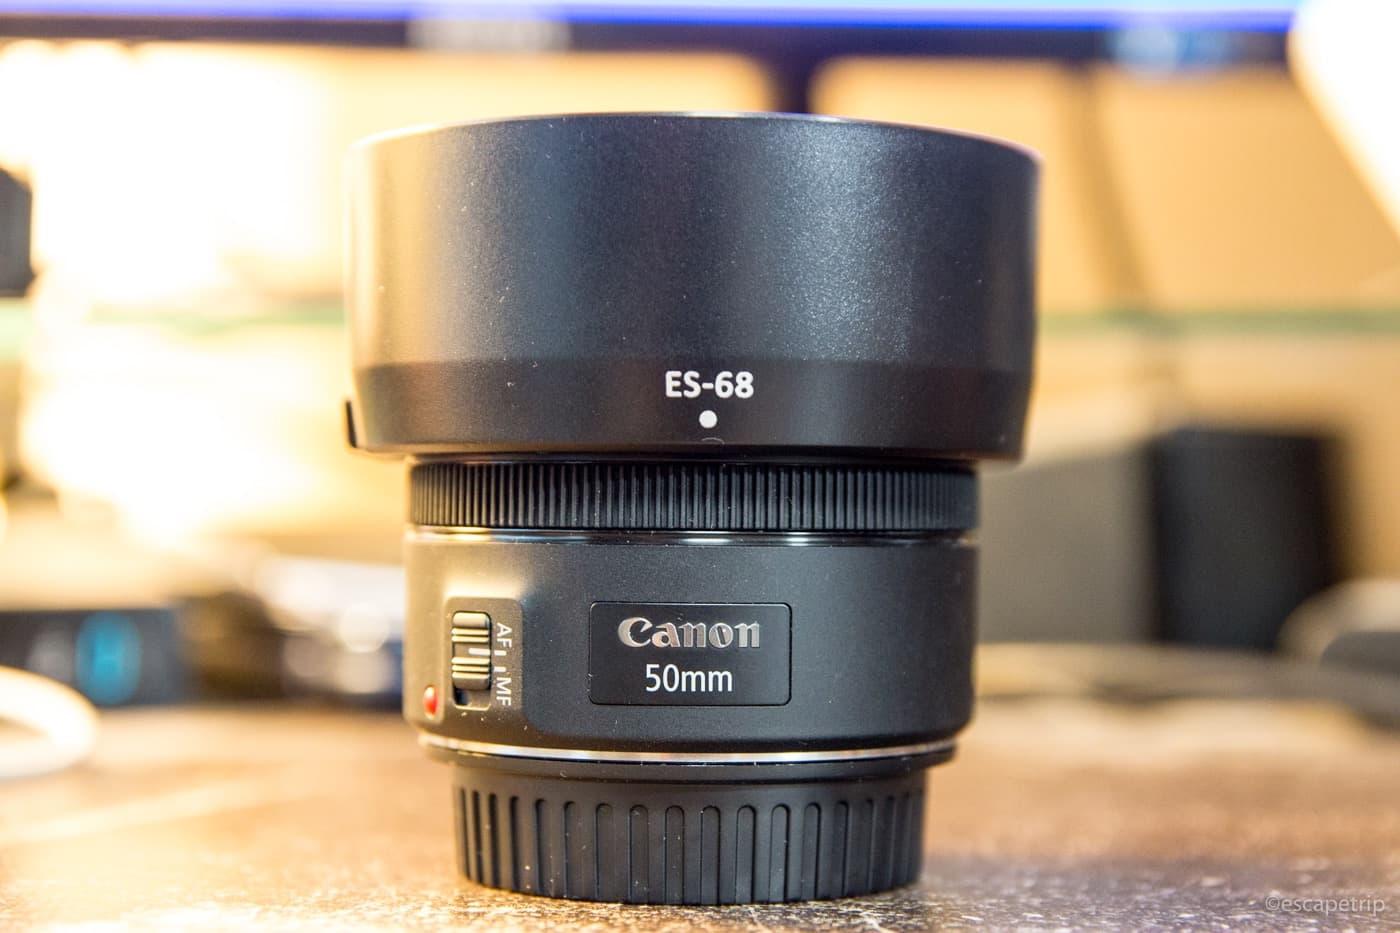 キヤノン50mm単焦点レンズにレンズフードを装着